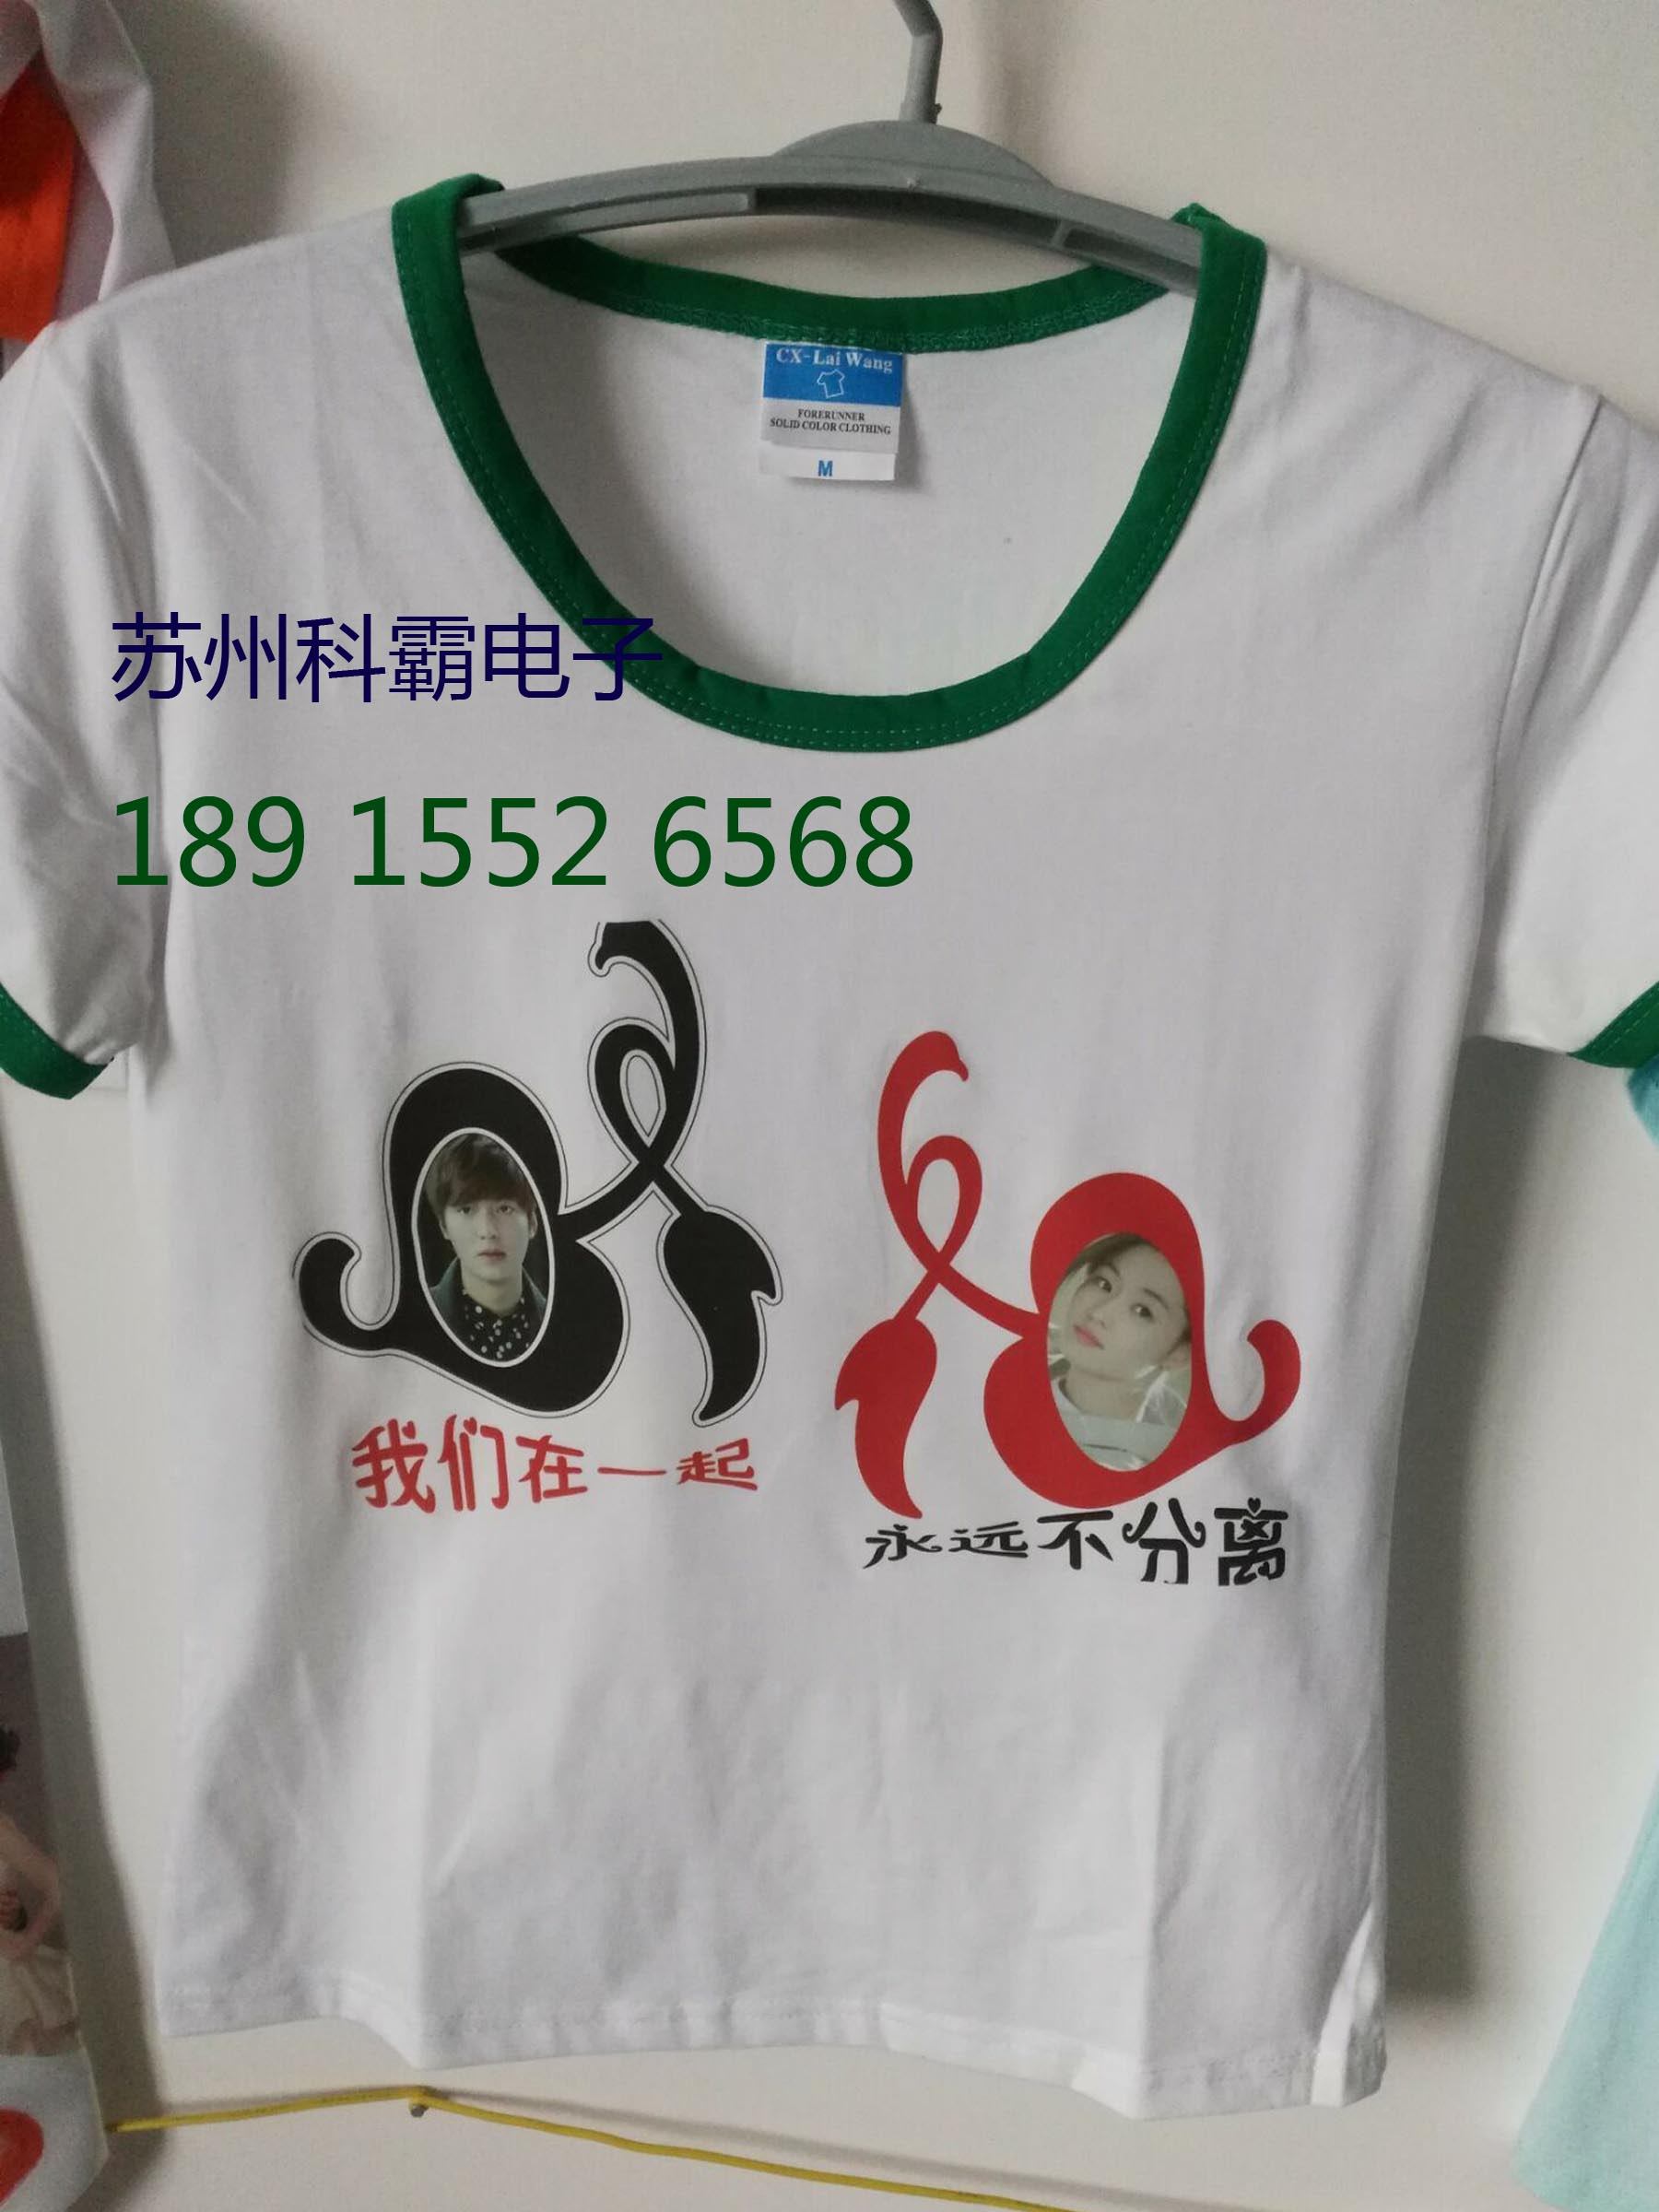 衣服上印照片印图案的机器-衣服印图案报价 厂家